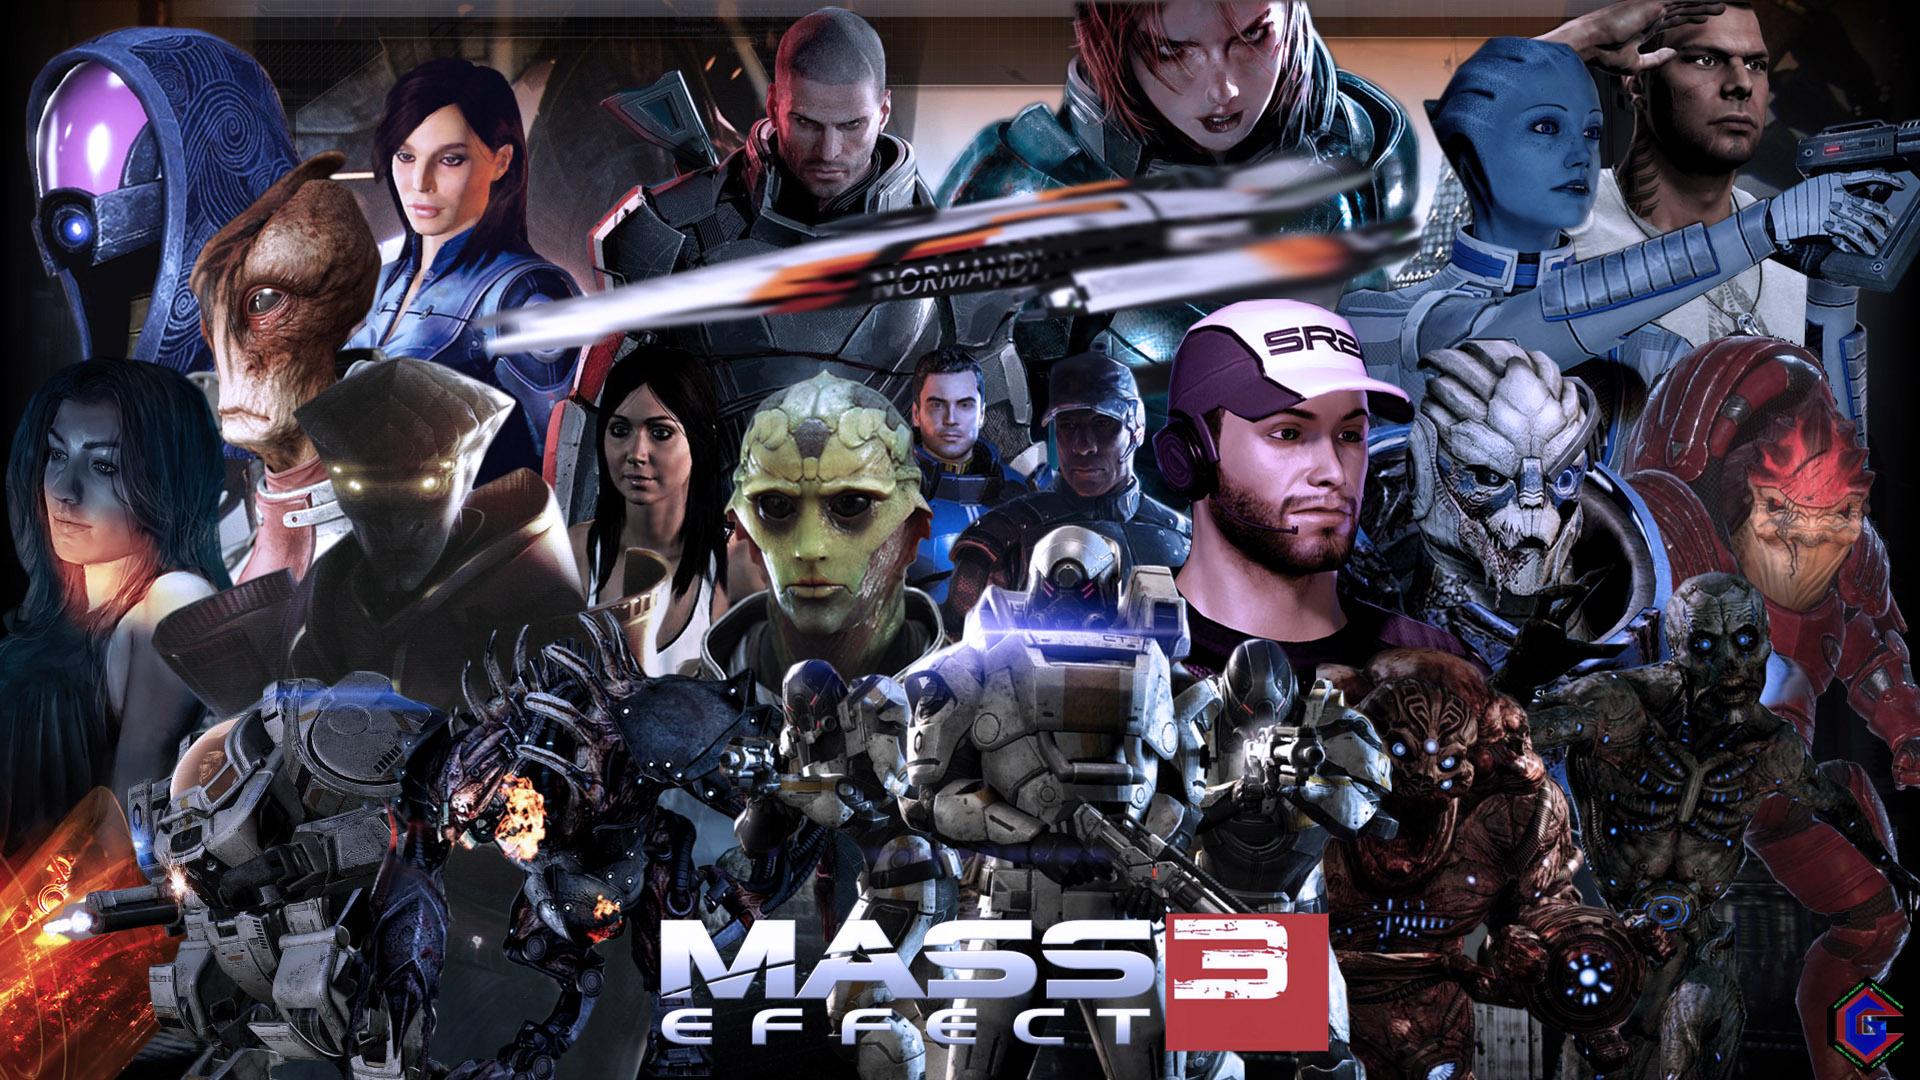 Mass Effect 3 Exclusive Wallpaper